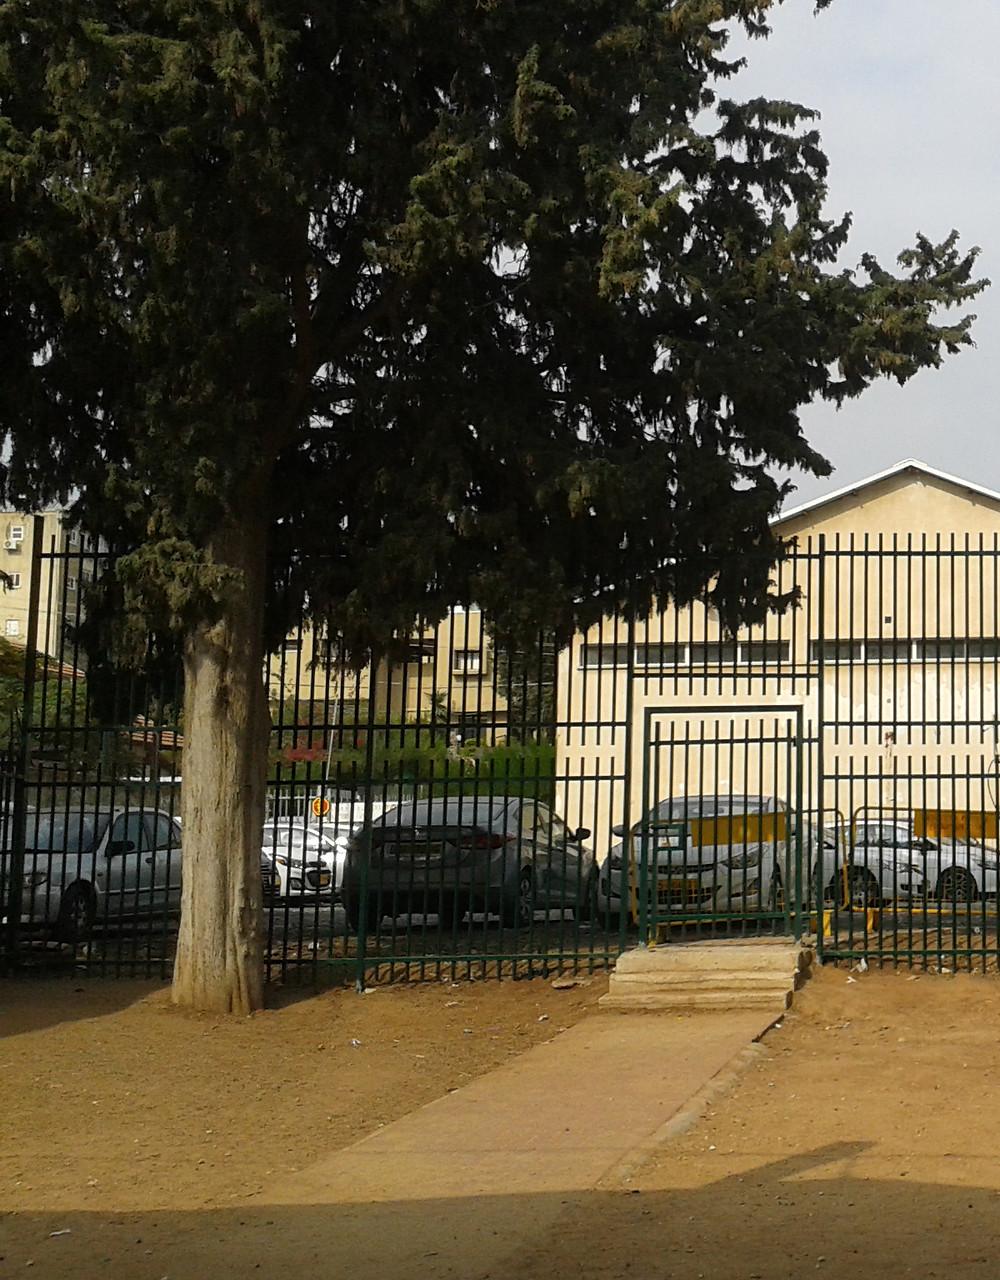 עץ הברוש בצדו המערבי של בית הספר בן-צבי ברחובות, לשעבר 'בית החינוך לילדי עובדים', 2019. צילום: רחלי רוגל